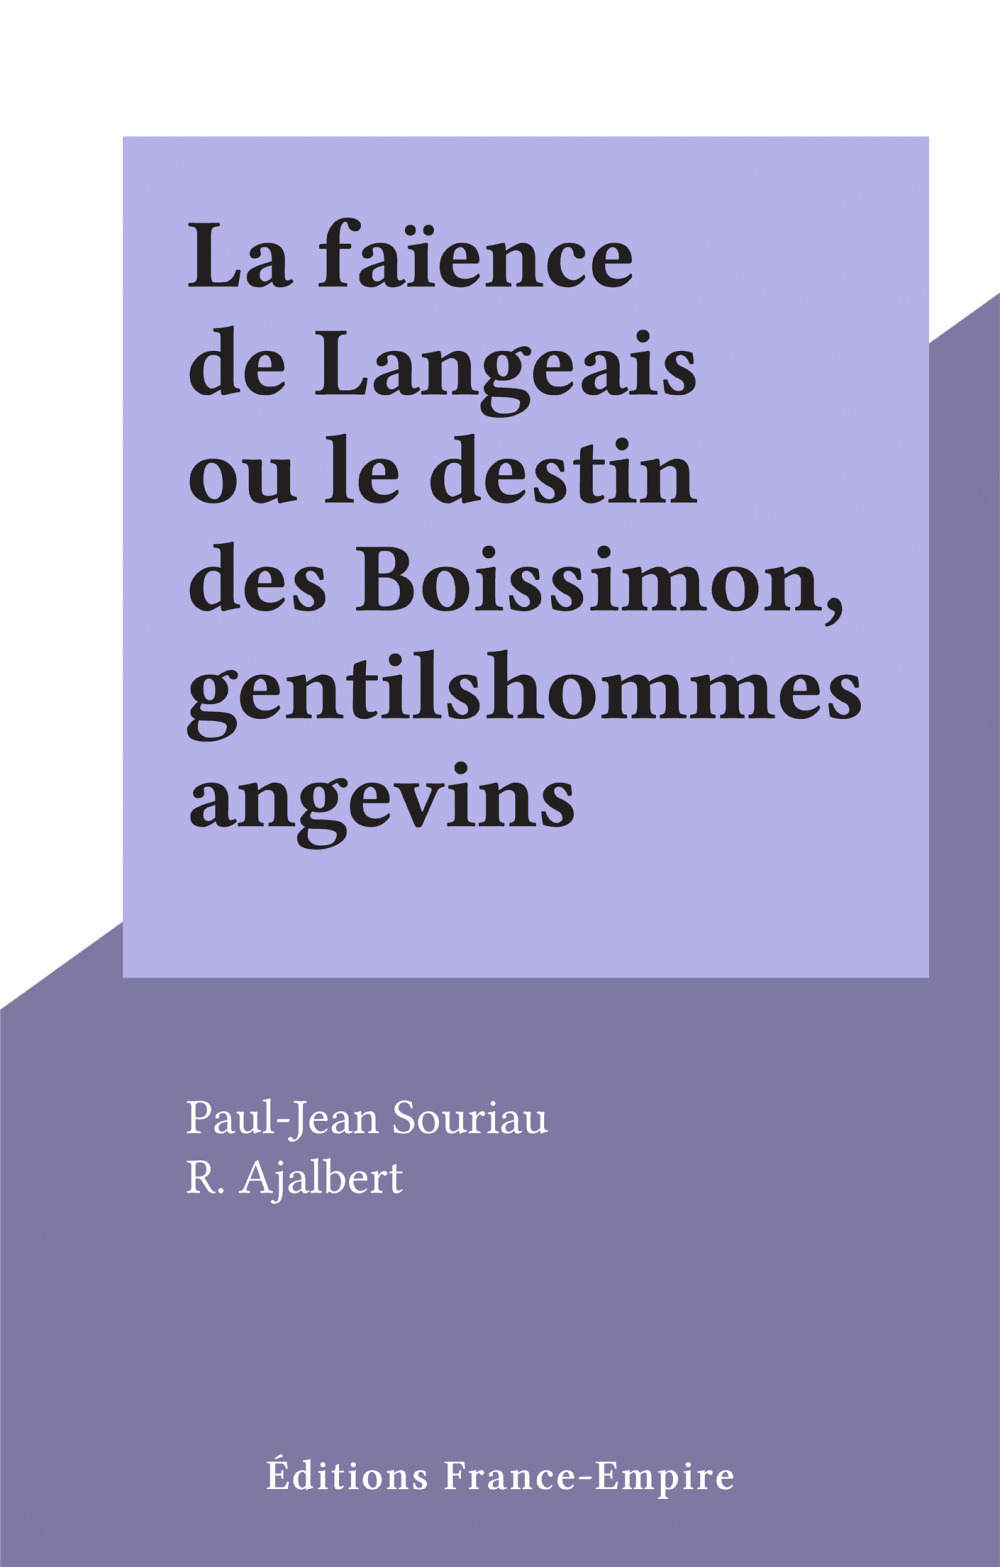 La faïence de Langeais ou le destin des Boissimon, gentilshommes angevins